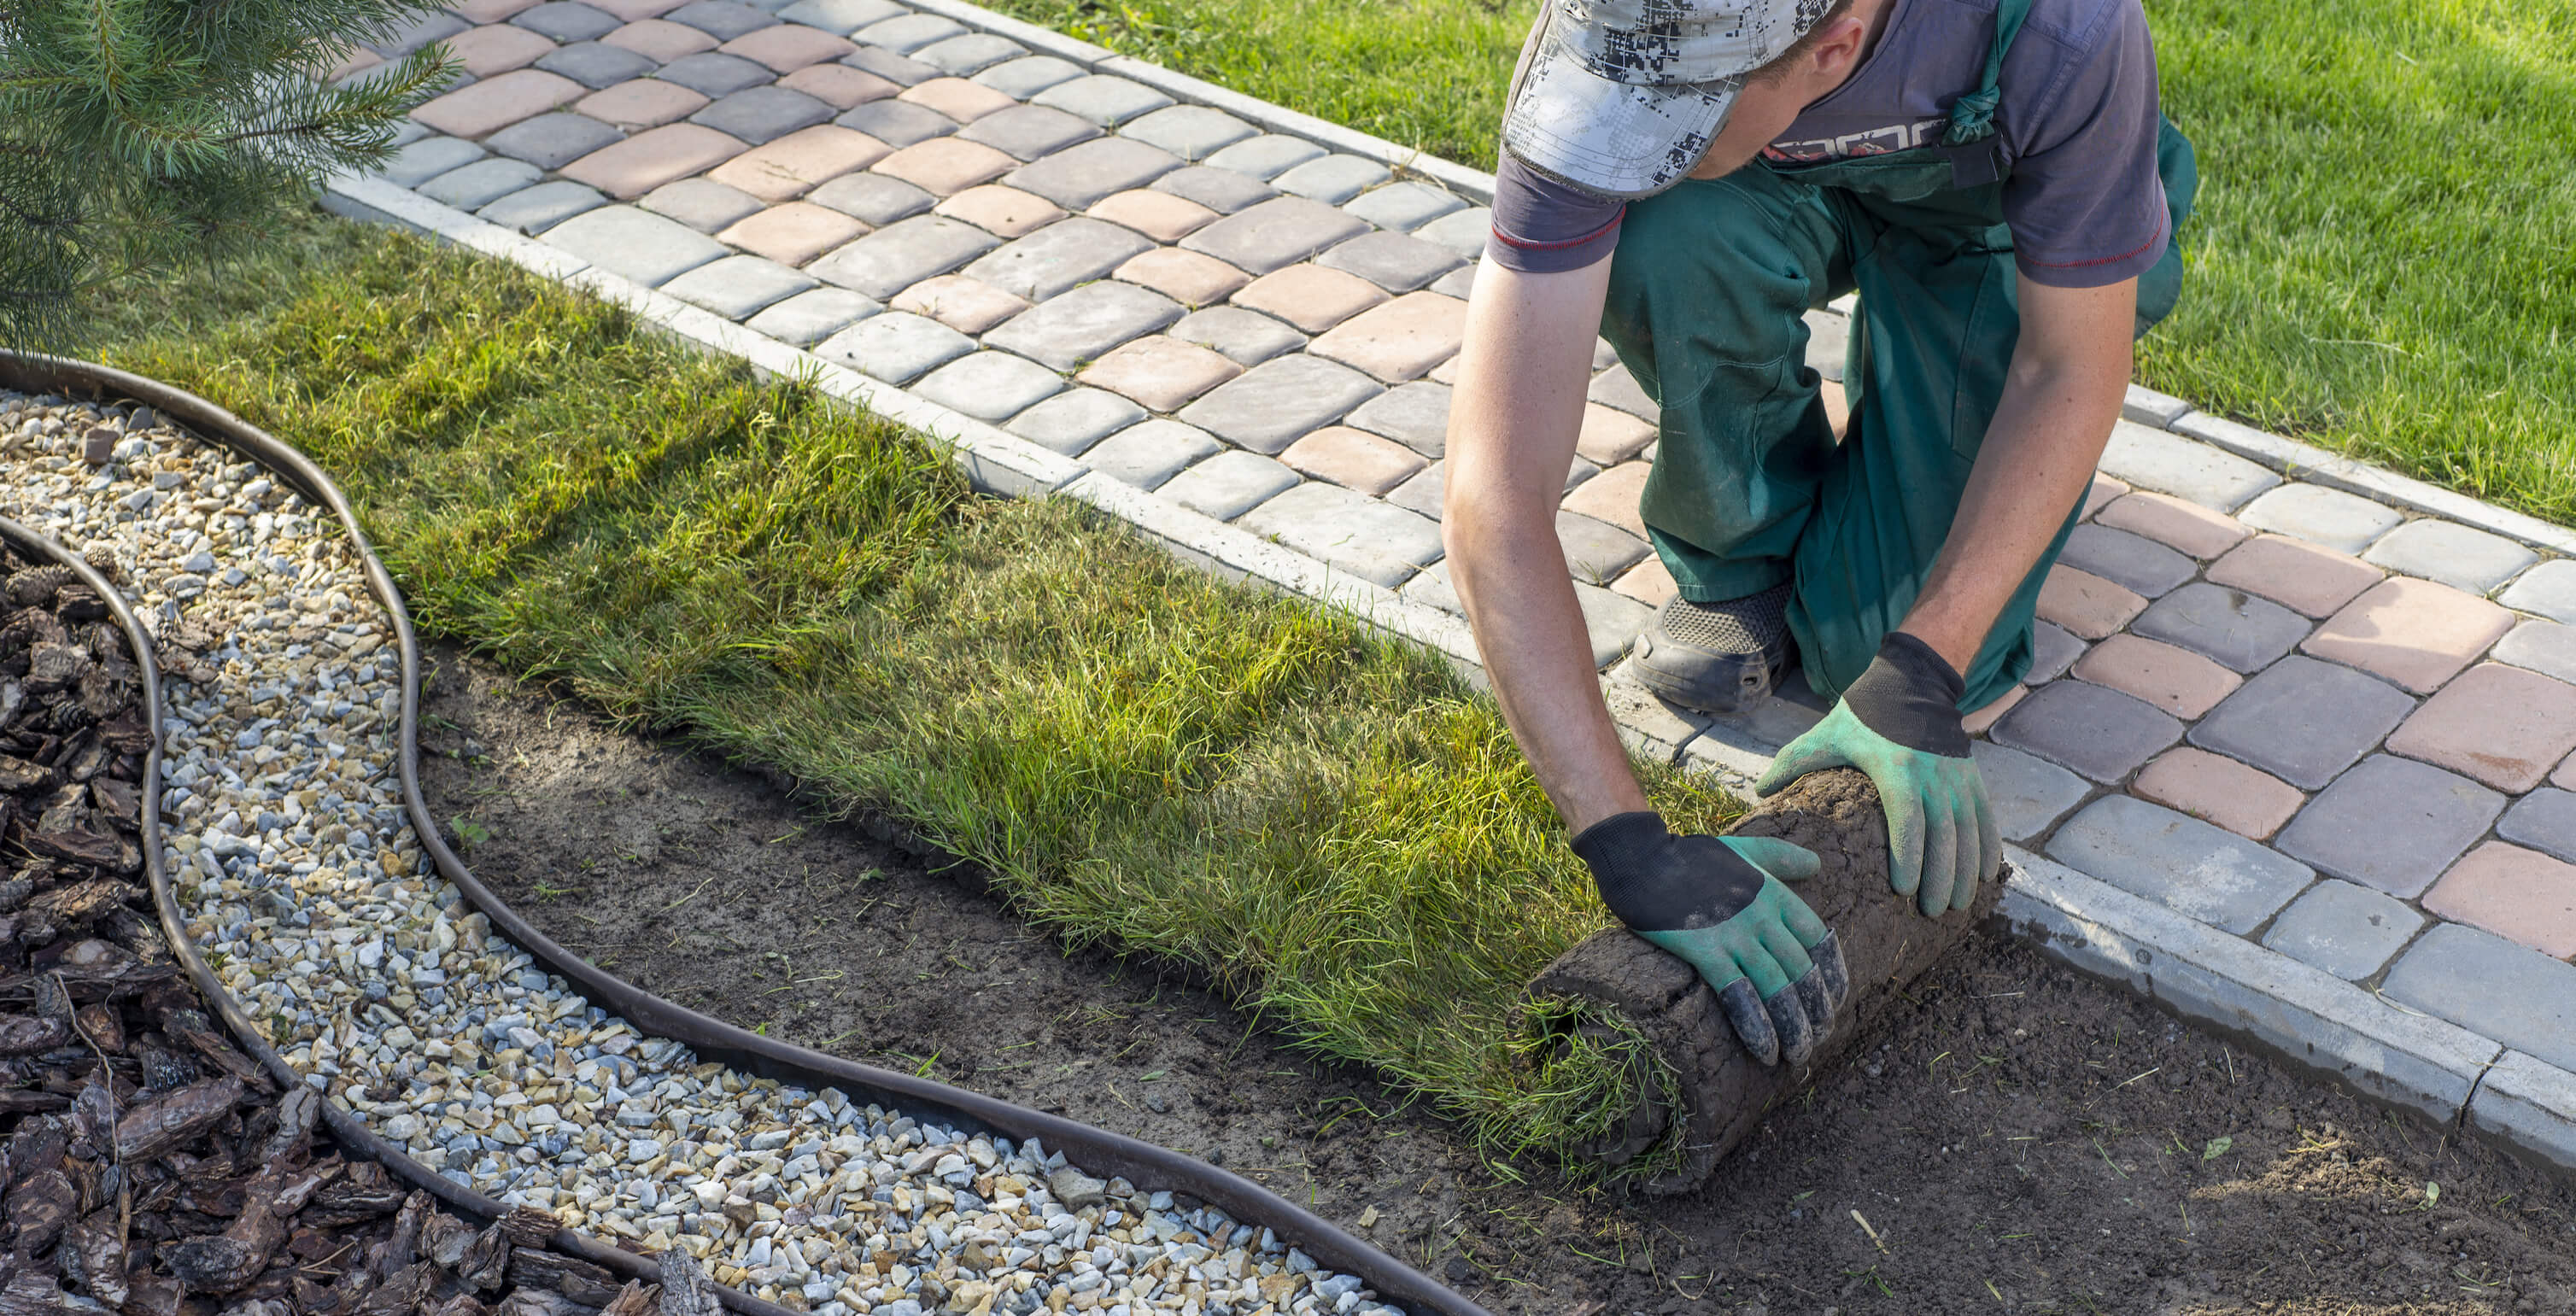 Vi arbetar med trädgårdsarbete i Helsingborg